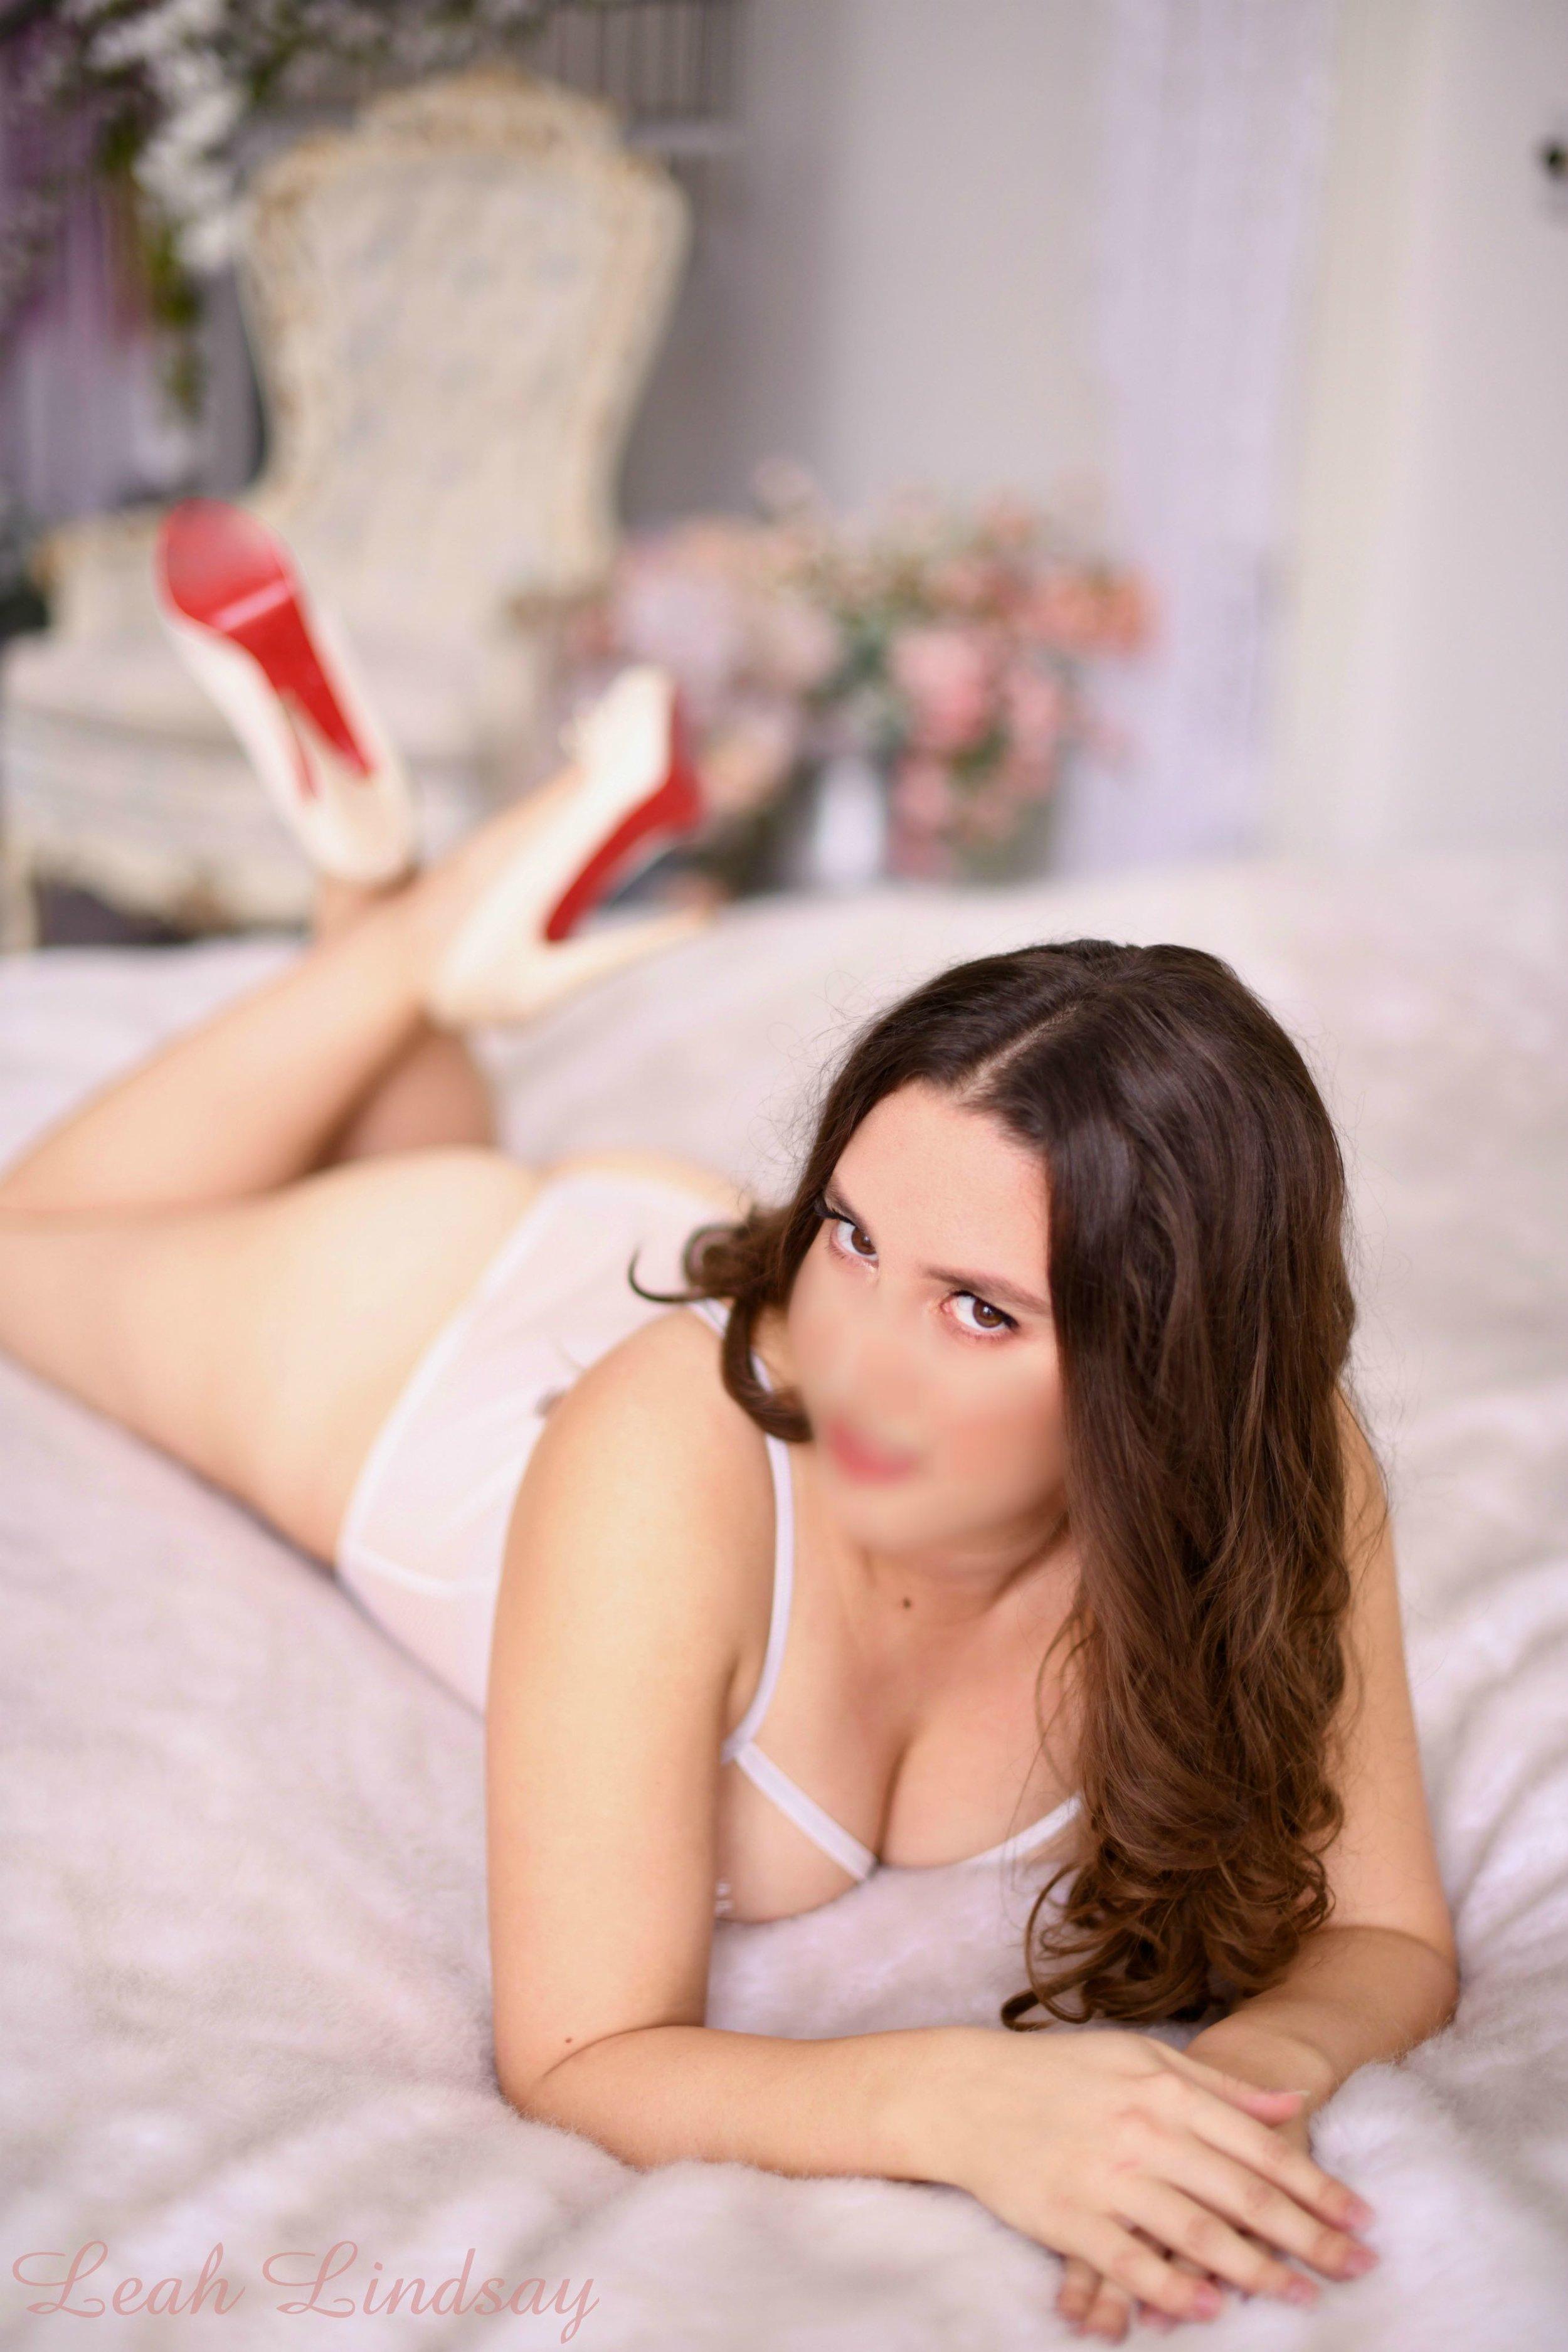 Leah Lindsay - Bed Ankles Crossed.jpg